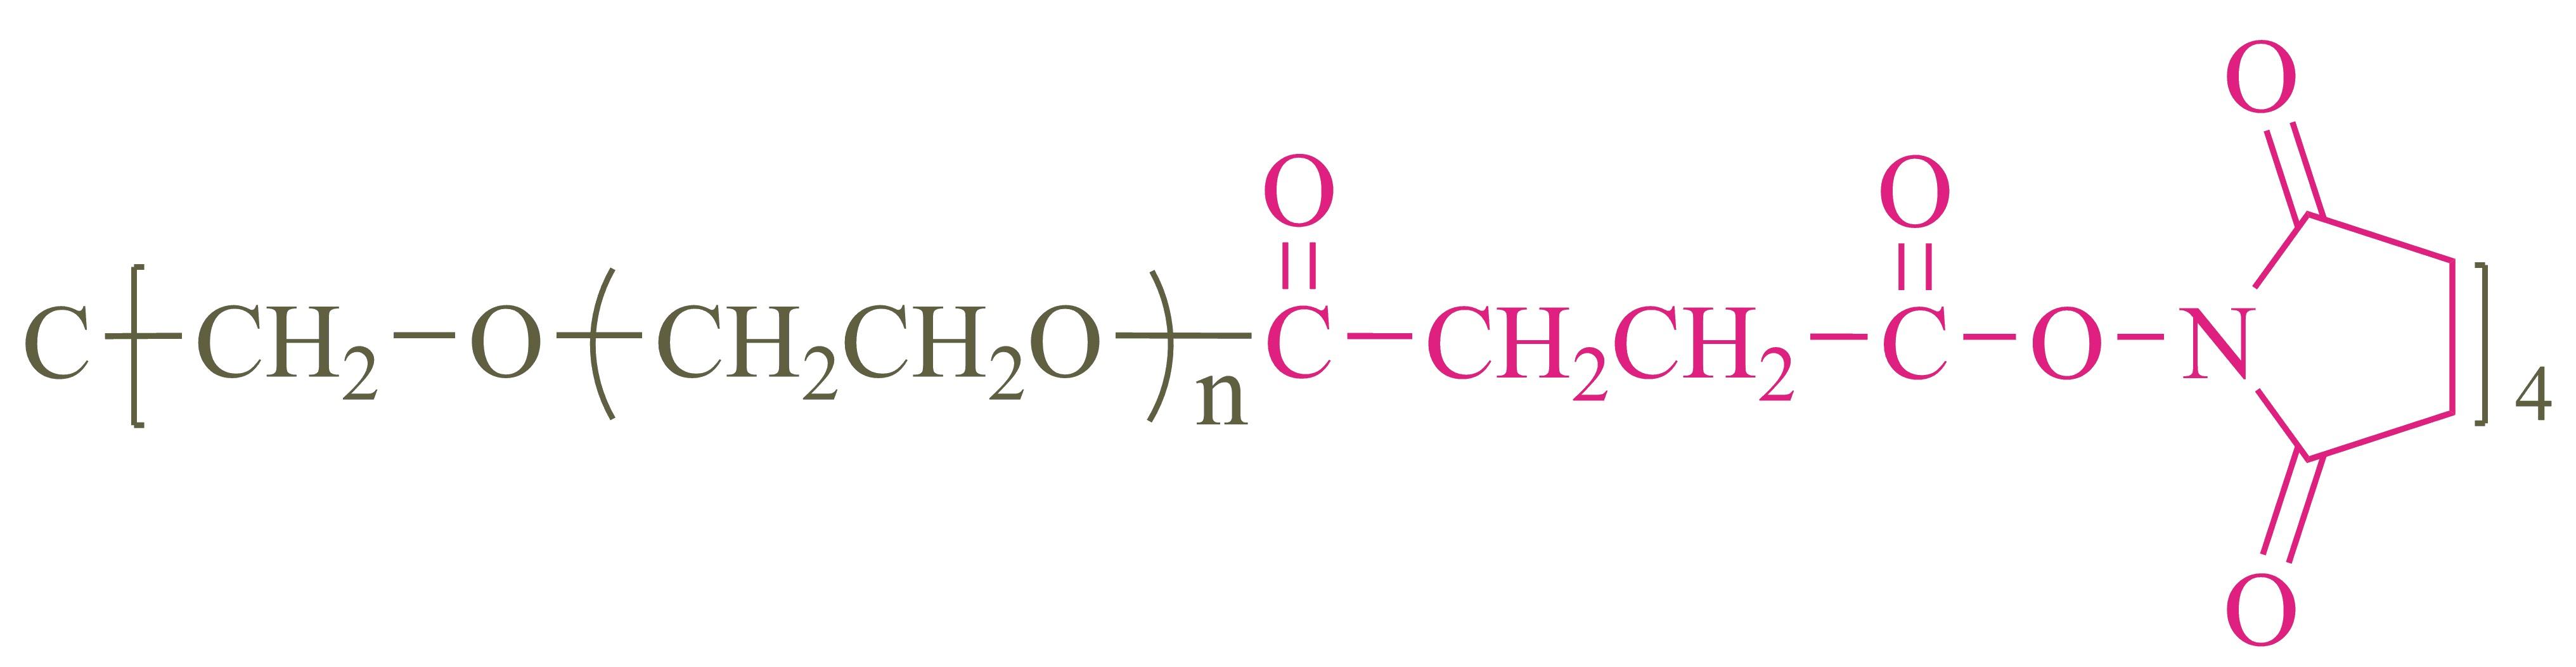 四臂聚乙二醇琥珀酰亚胺琥珀酸酯(酯键)(4-arm PEG-SCM);4-arm Poly(ethylene glycol) succinimidyl succinate